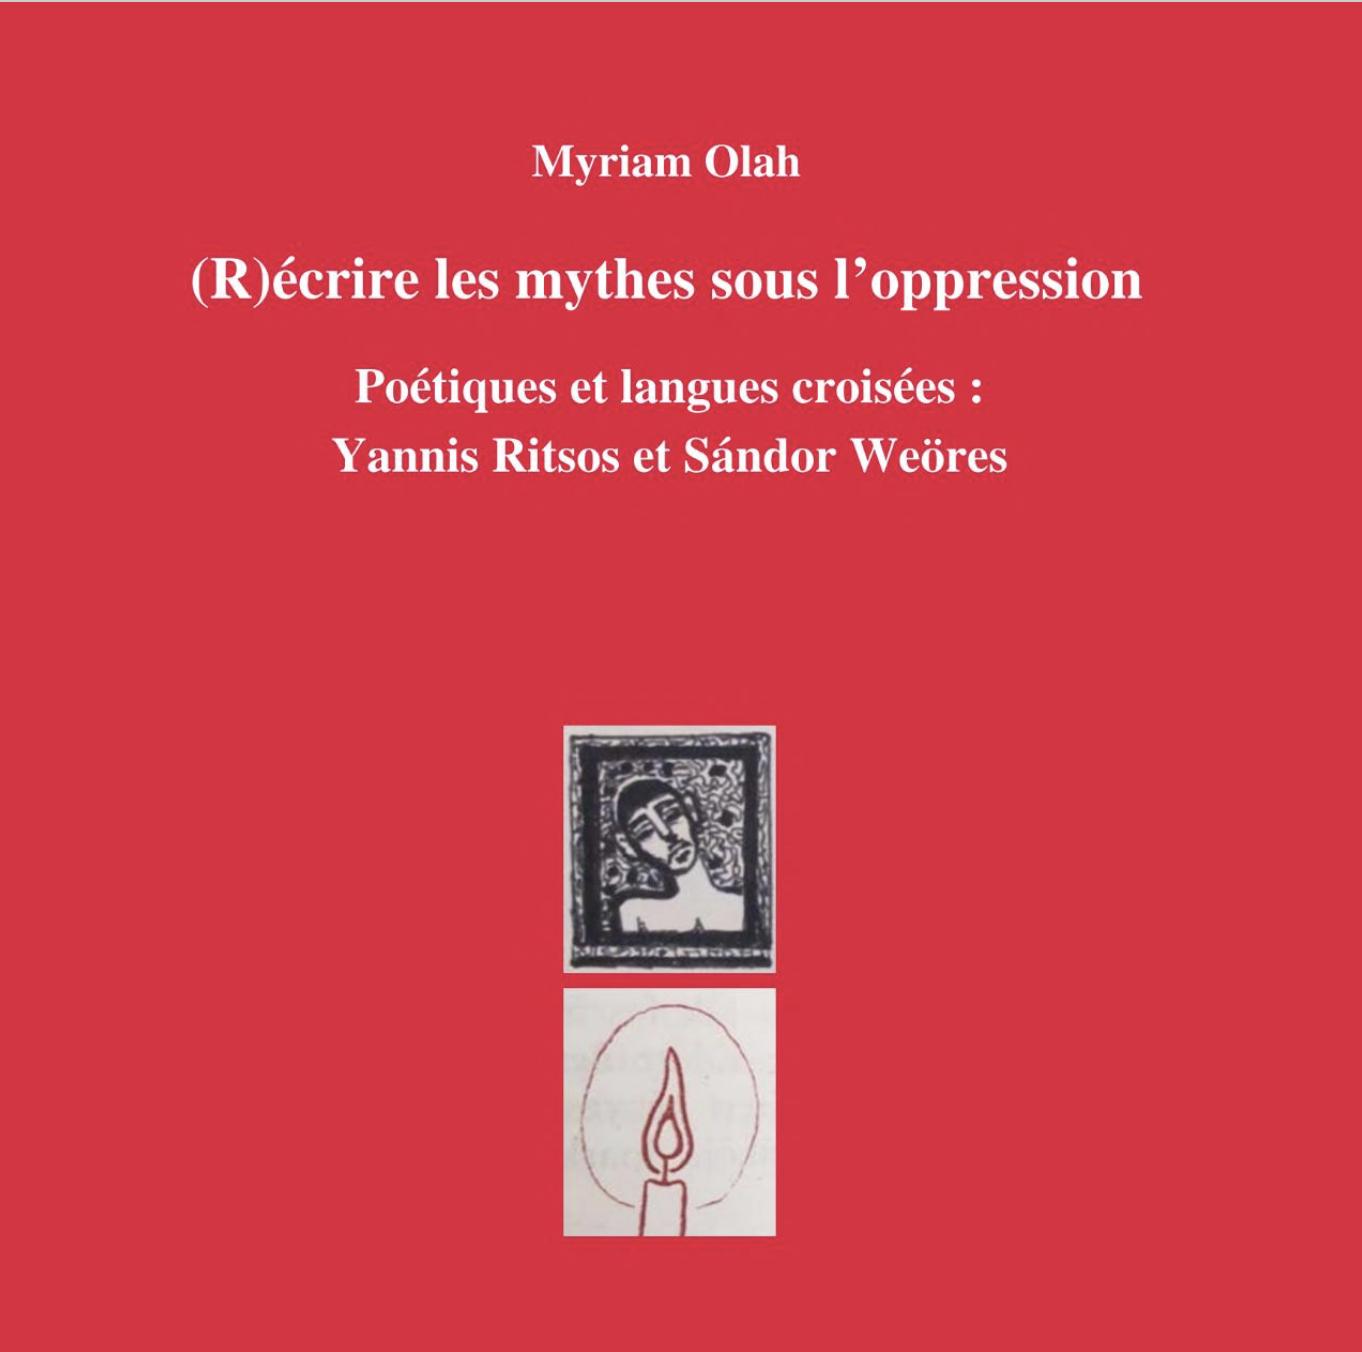 M. Olah, (R)écrire les mythes sous l'oppression. Poétiques et langues croisées:Yannis Ritsos et Sándor Weöres